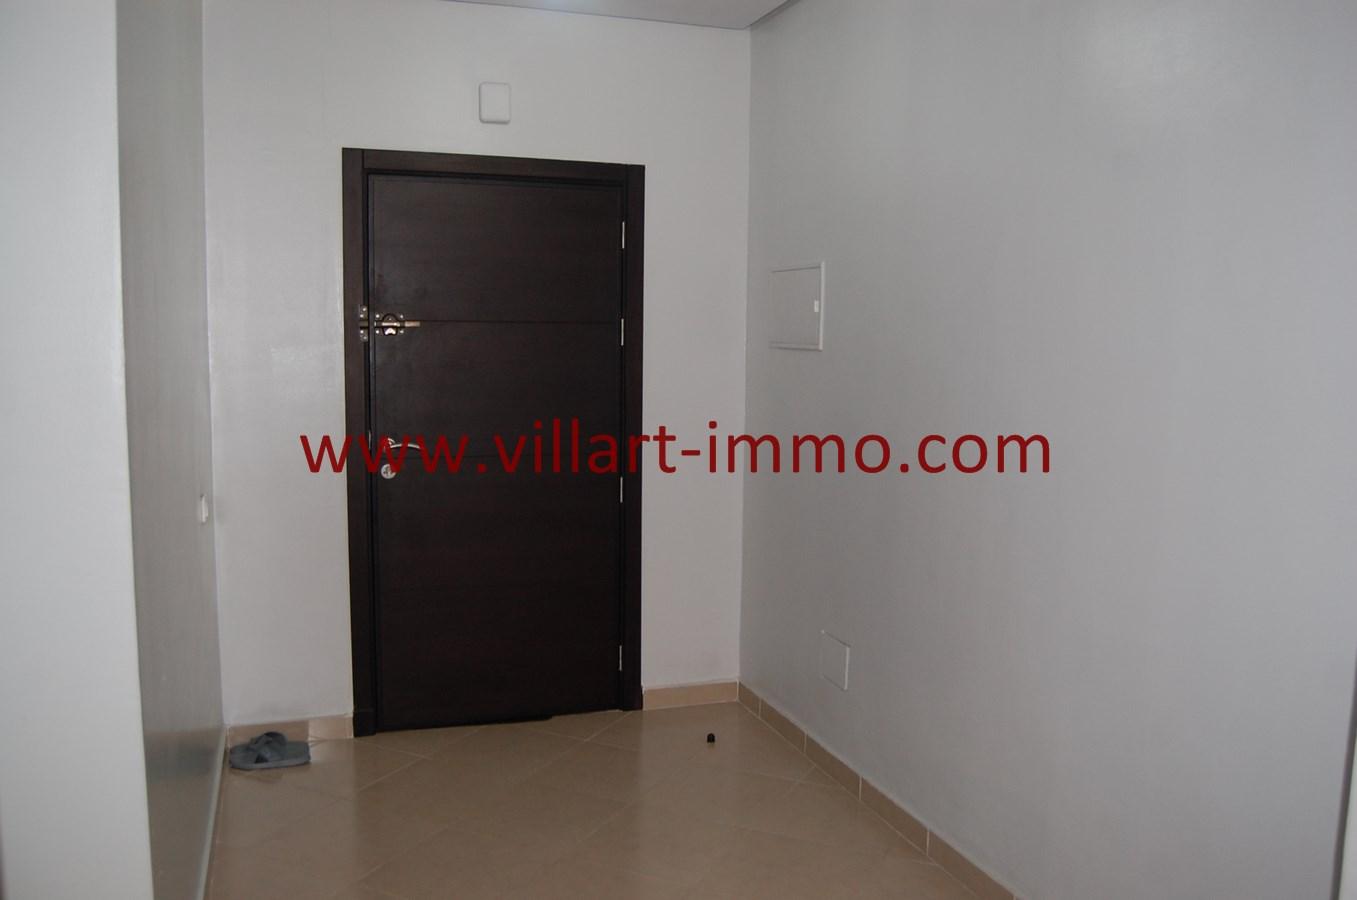 6-Vente-Appartement-Tanger-Route-de-Rabat-Entrée-VA474-Villart Immo